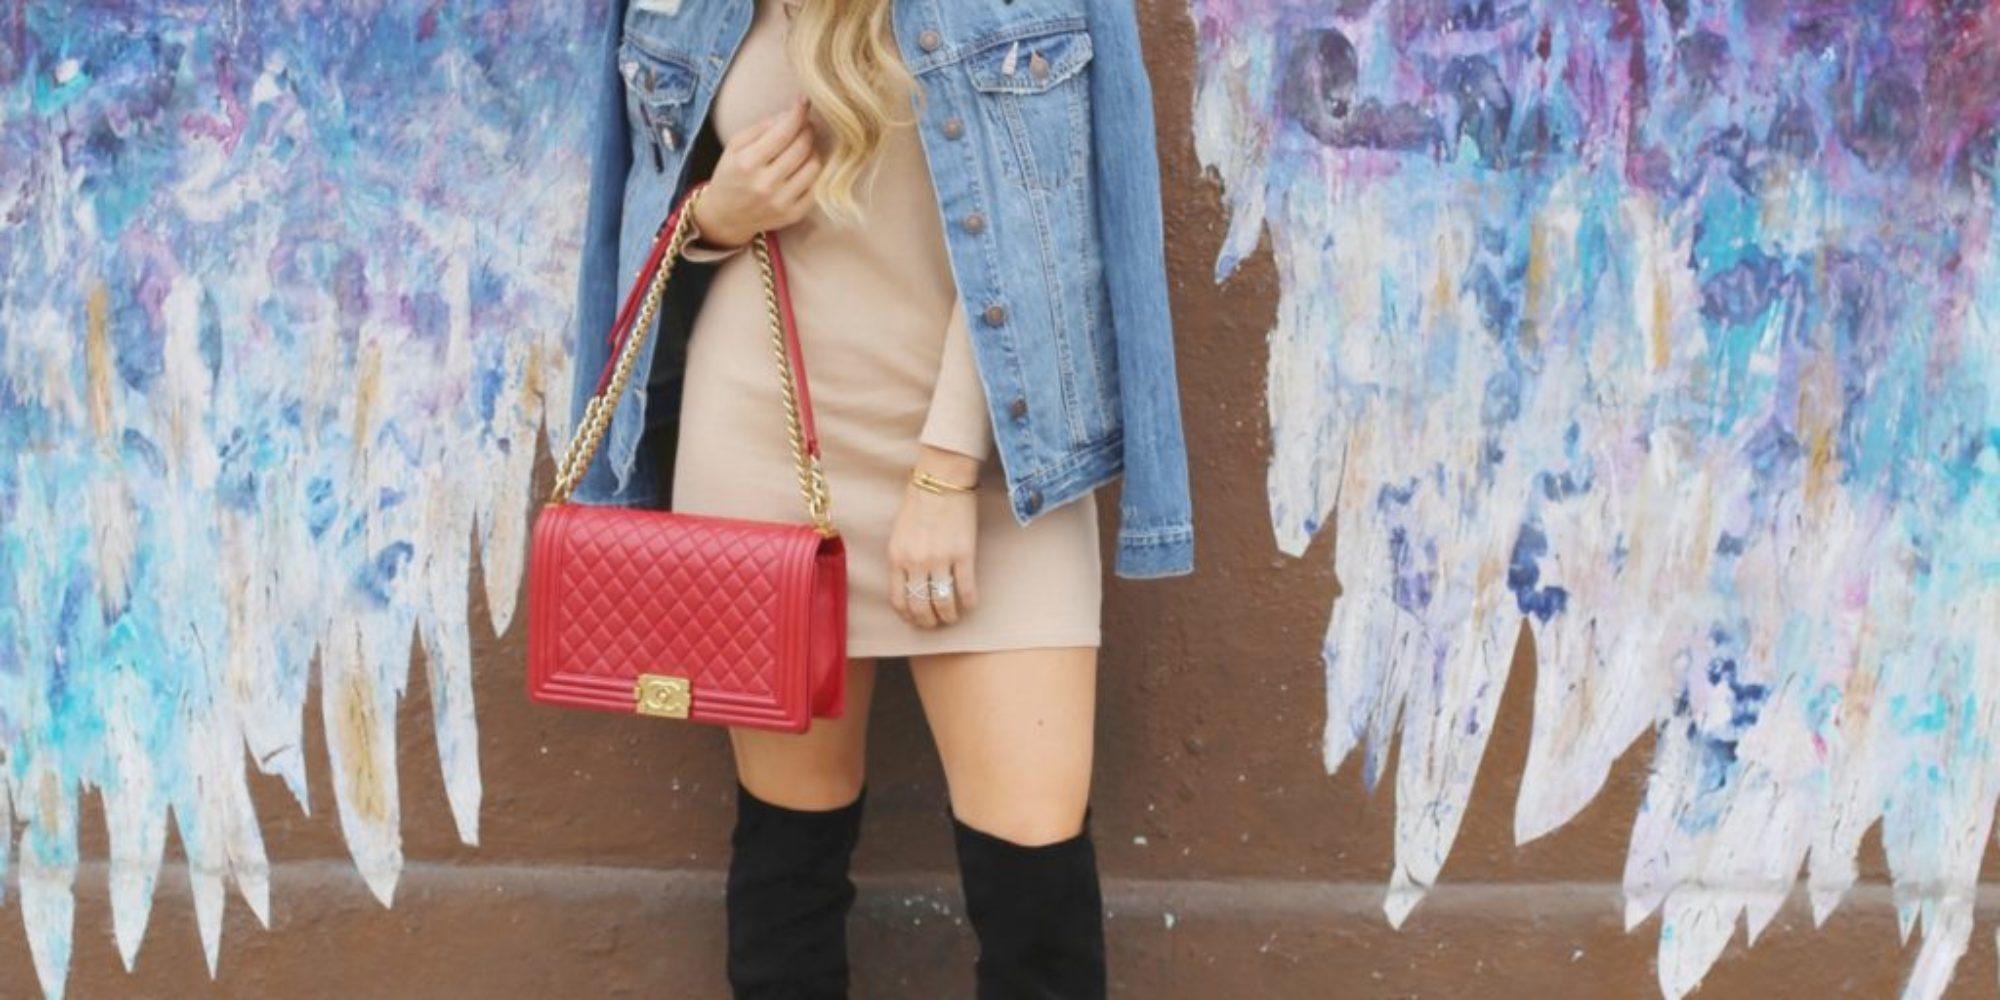 colette miller angel wings styled by kasey la walls